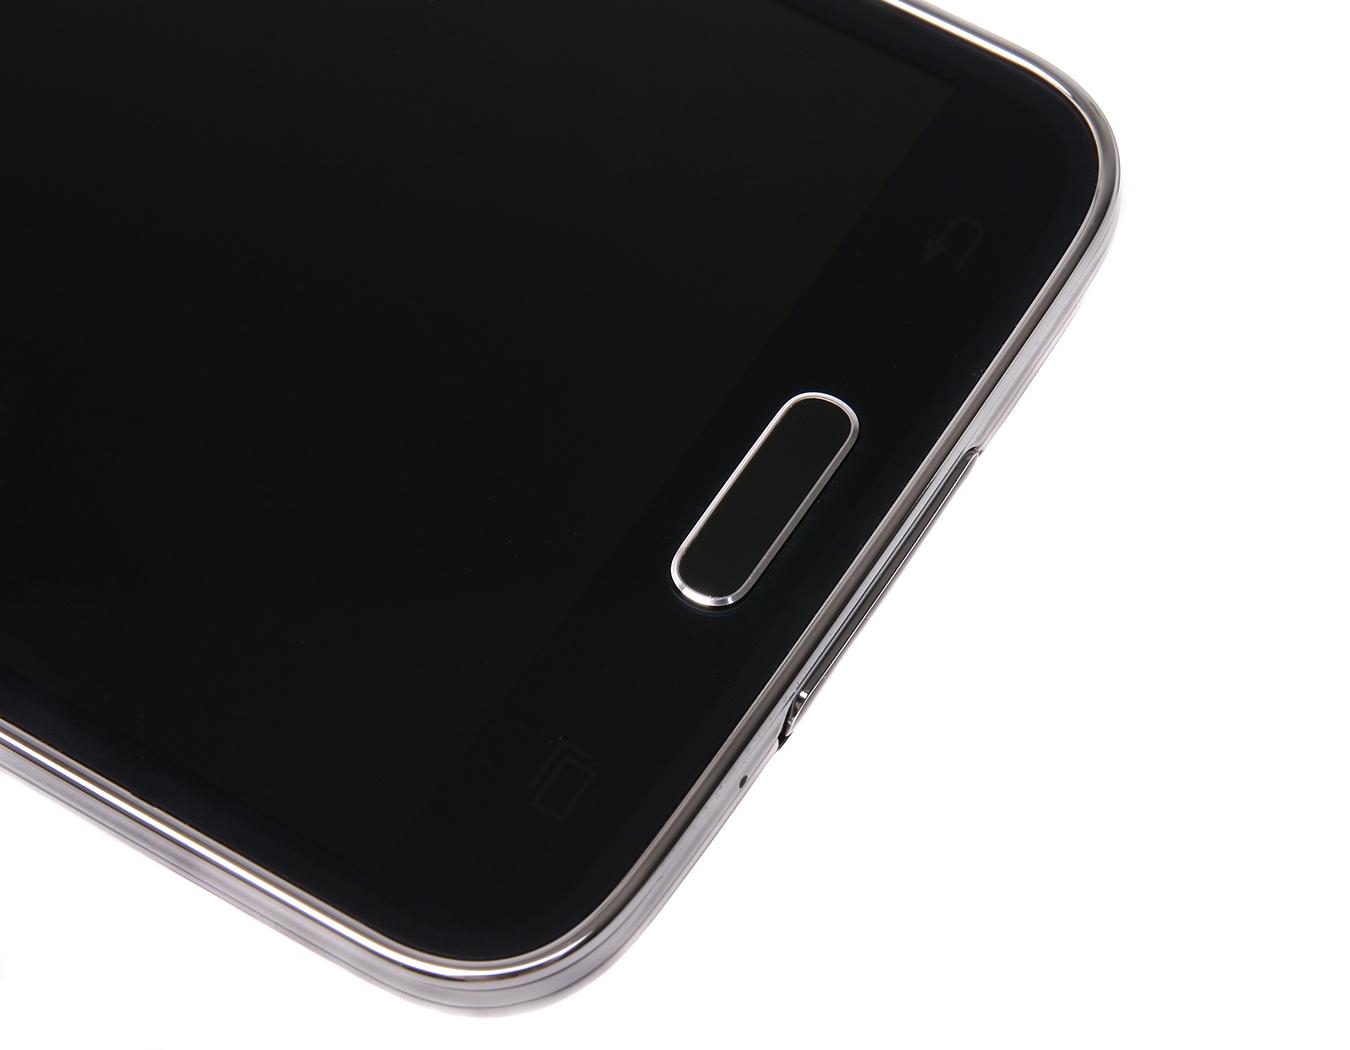 Samsung Galaxy S6 soll mit verbessertem Fingerabdruckscanner aufwarten